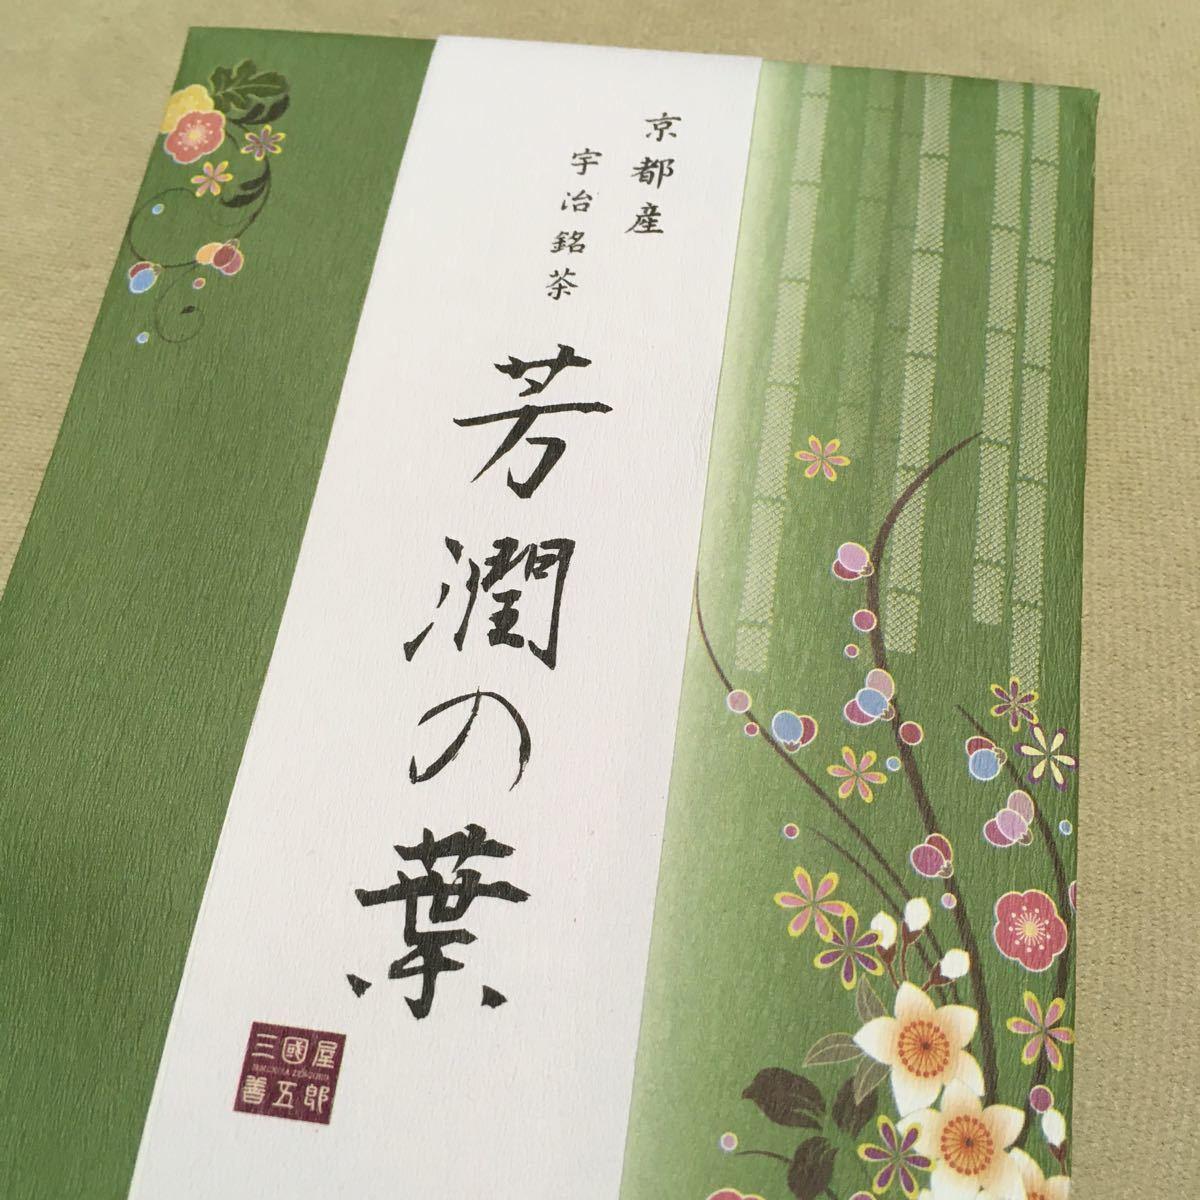 緑茶 三國屋善五郎 お茶☆煎茶 クーポン使えます